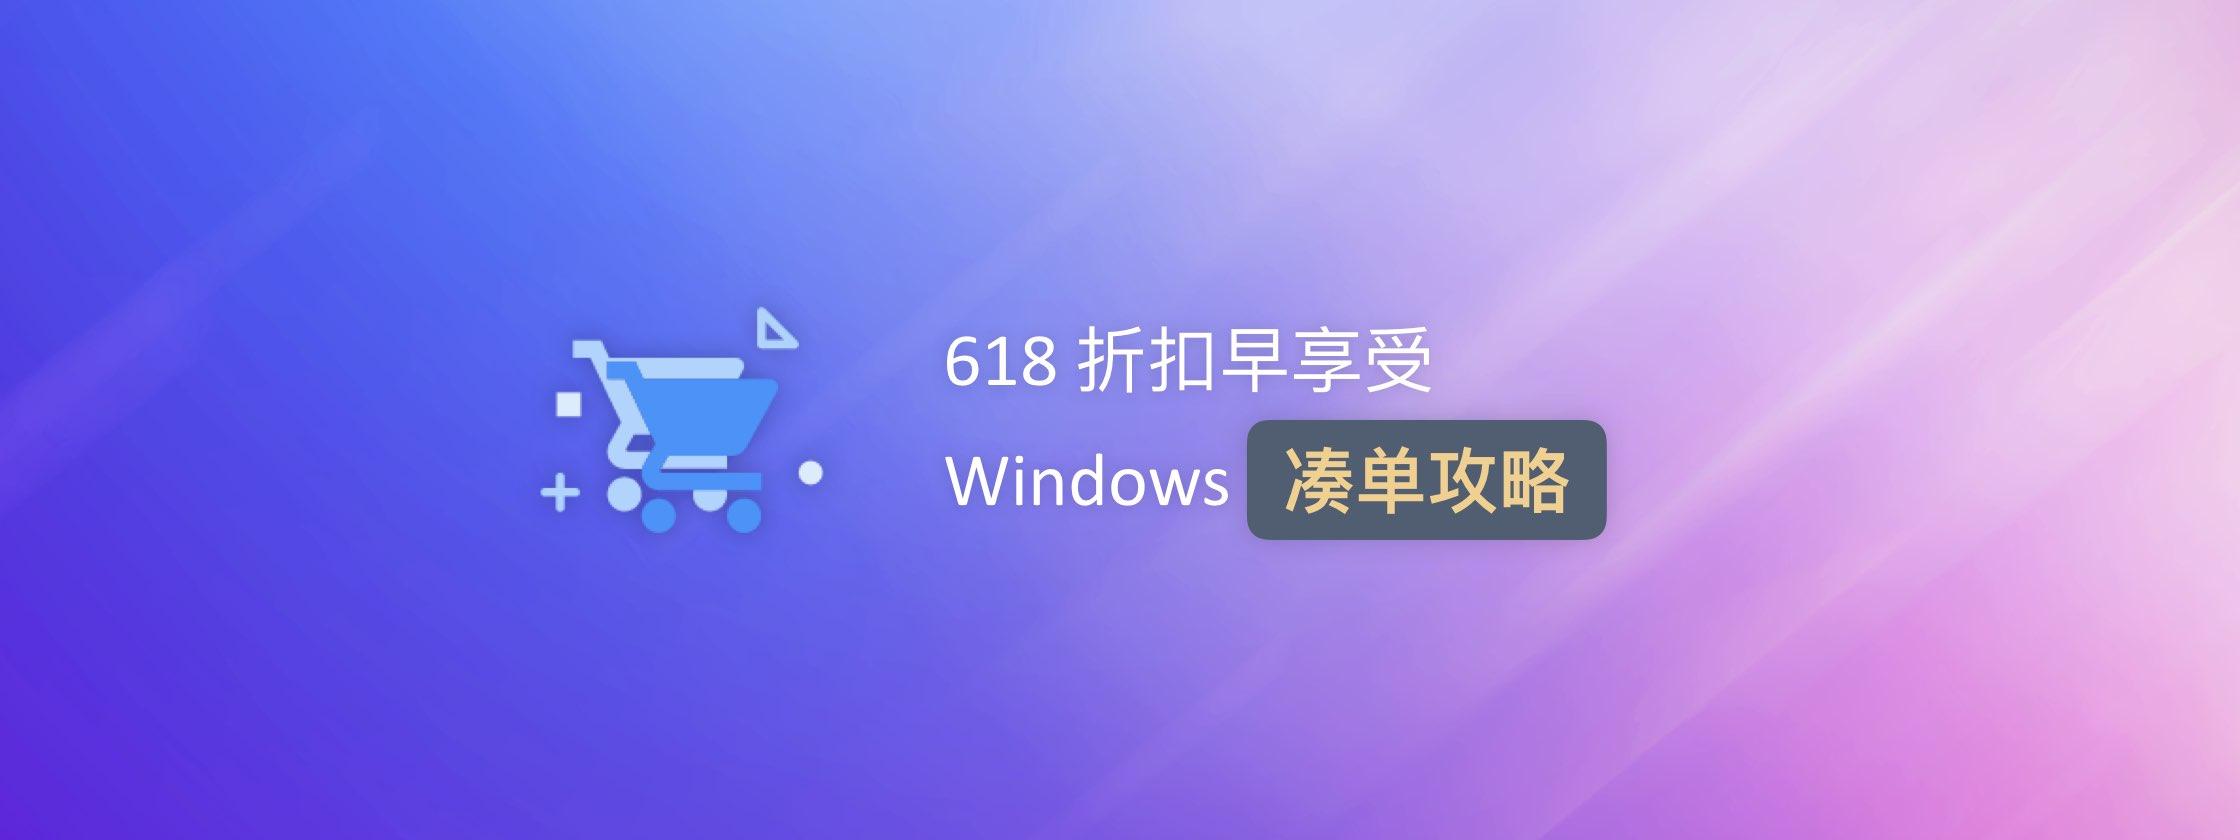 618 折扣早享受 | Windows 凑单攻略